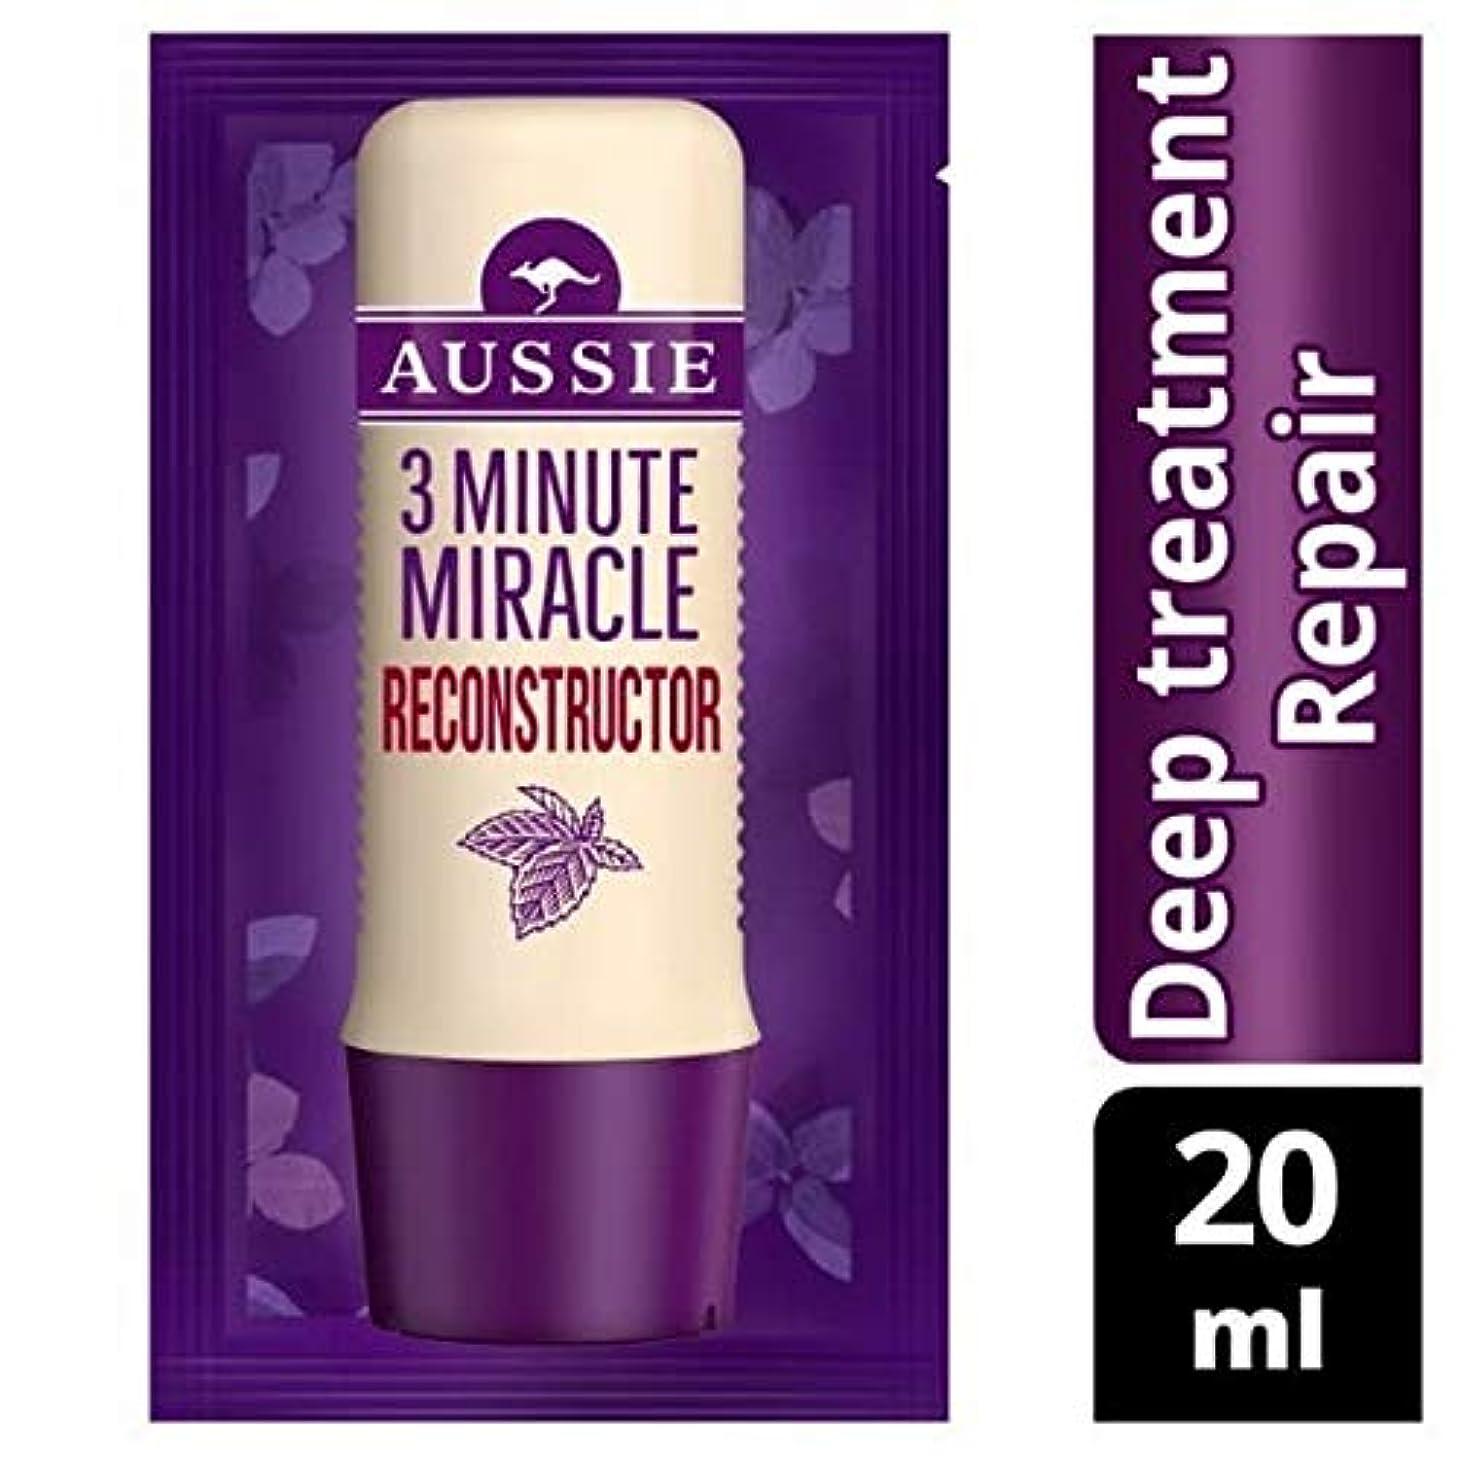 事業所持ピアニスト[Aussie ] オーストラリアの深い治療3分の奇跡の再構成の20ミリリットル - Aussie Deep Treatment 3 Minute Miracle Reconstructor 20ml [並行輸入品]